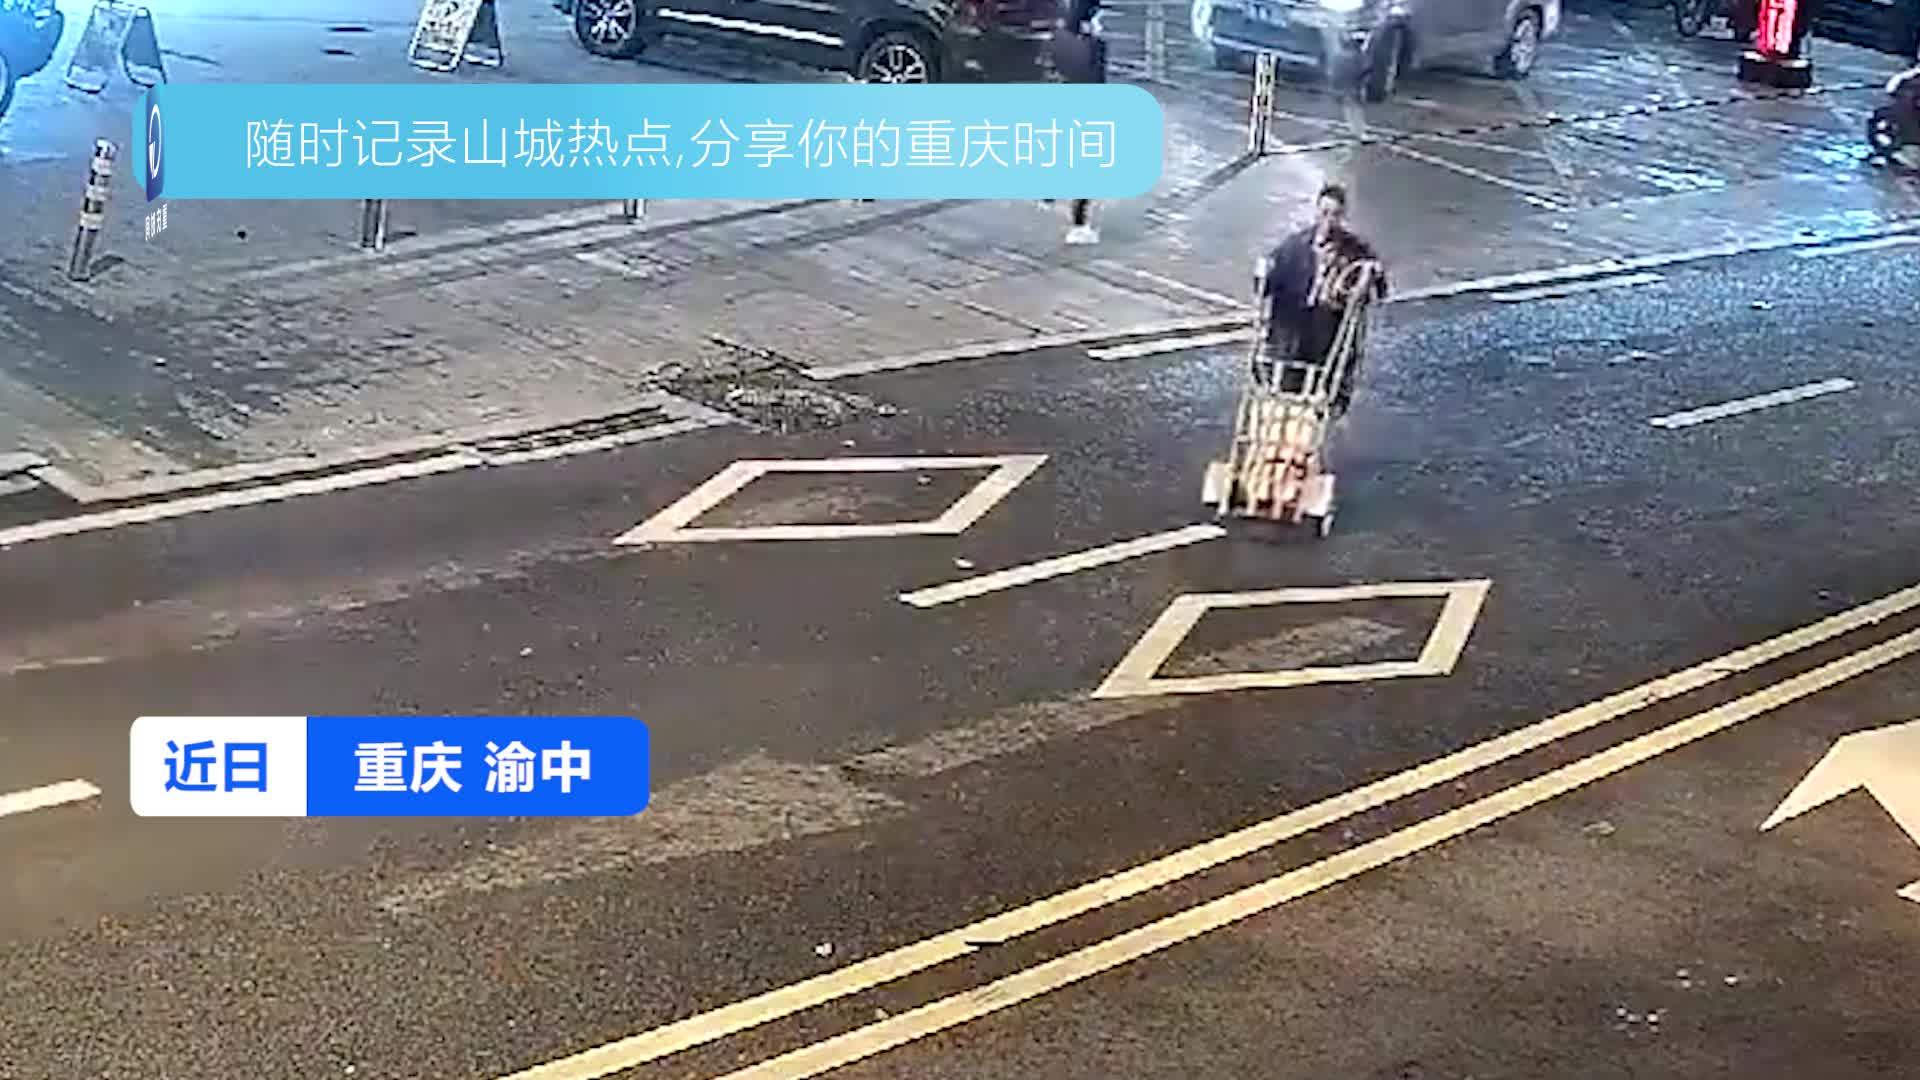 行人推着手推车在道路中间穿行 结果被小车撞倒受伤